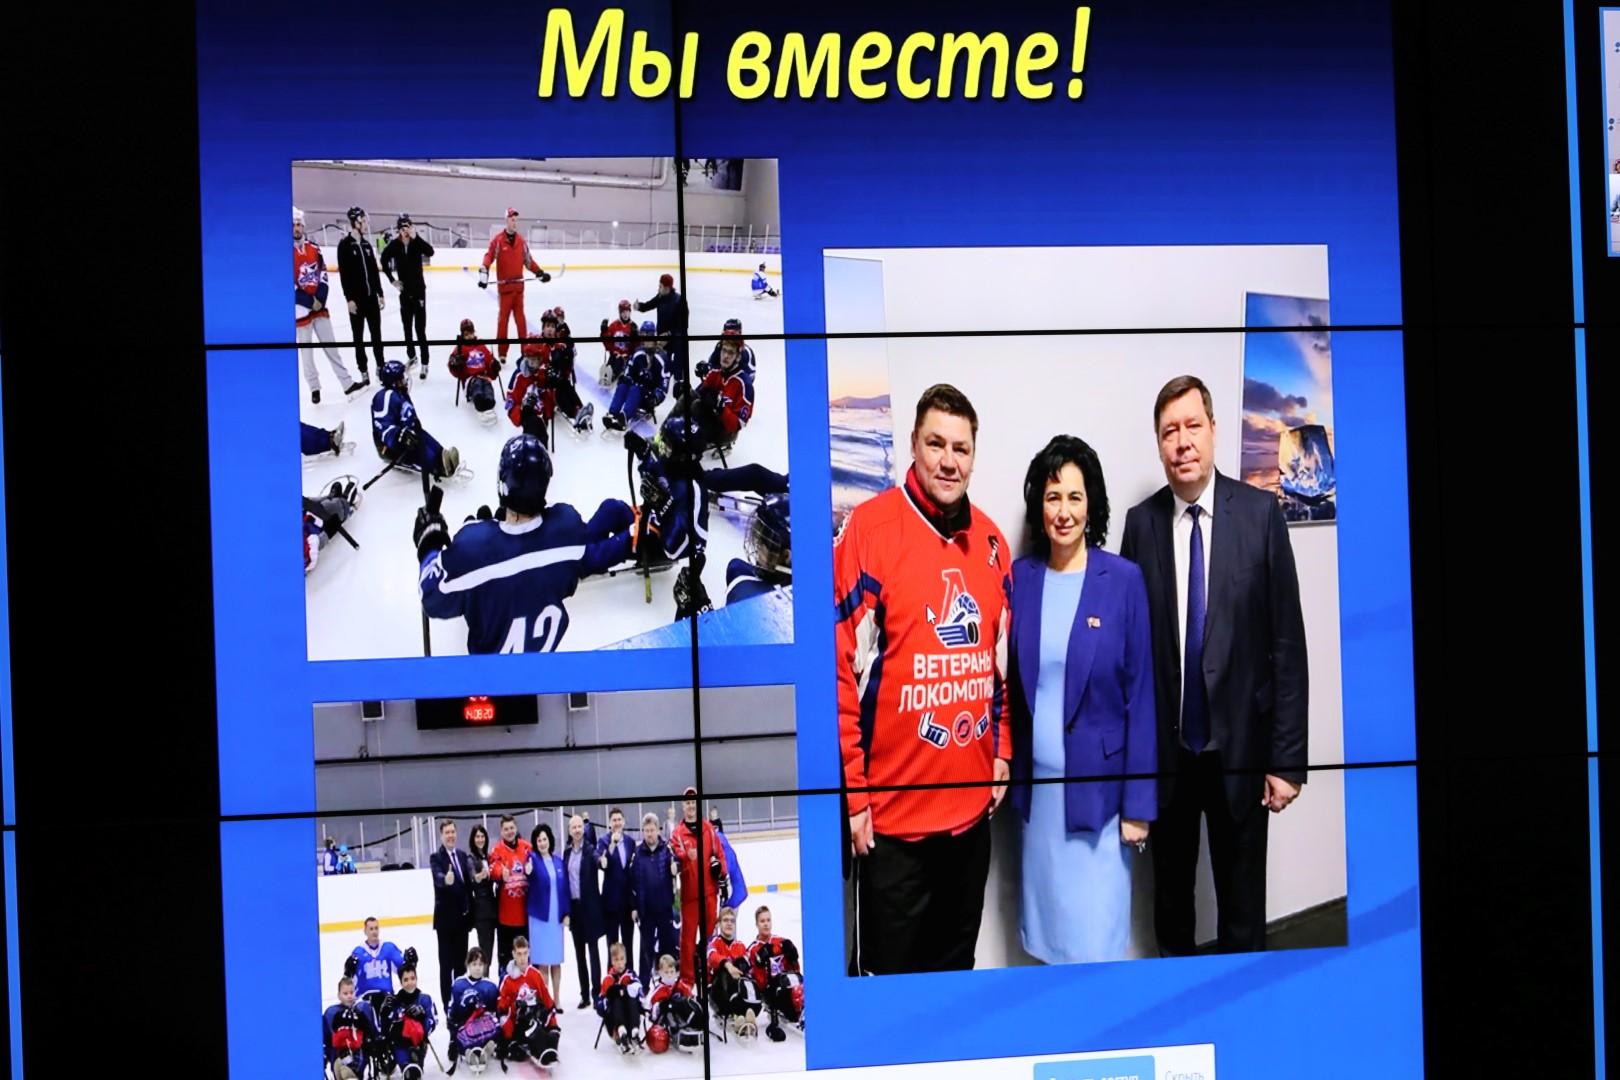 Ярославская команда по следж-хоккею готовится к первой игре